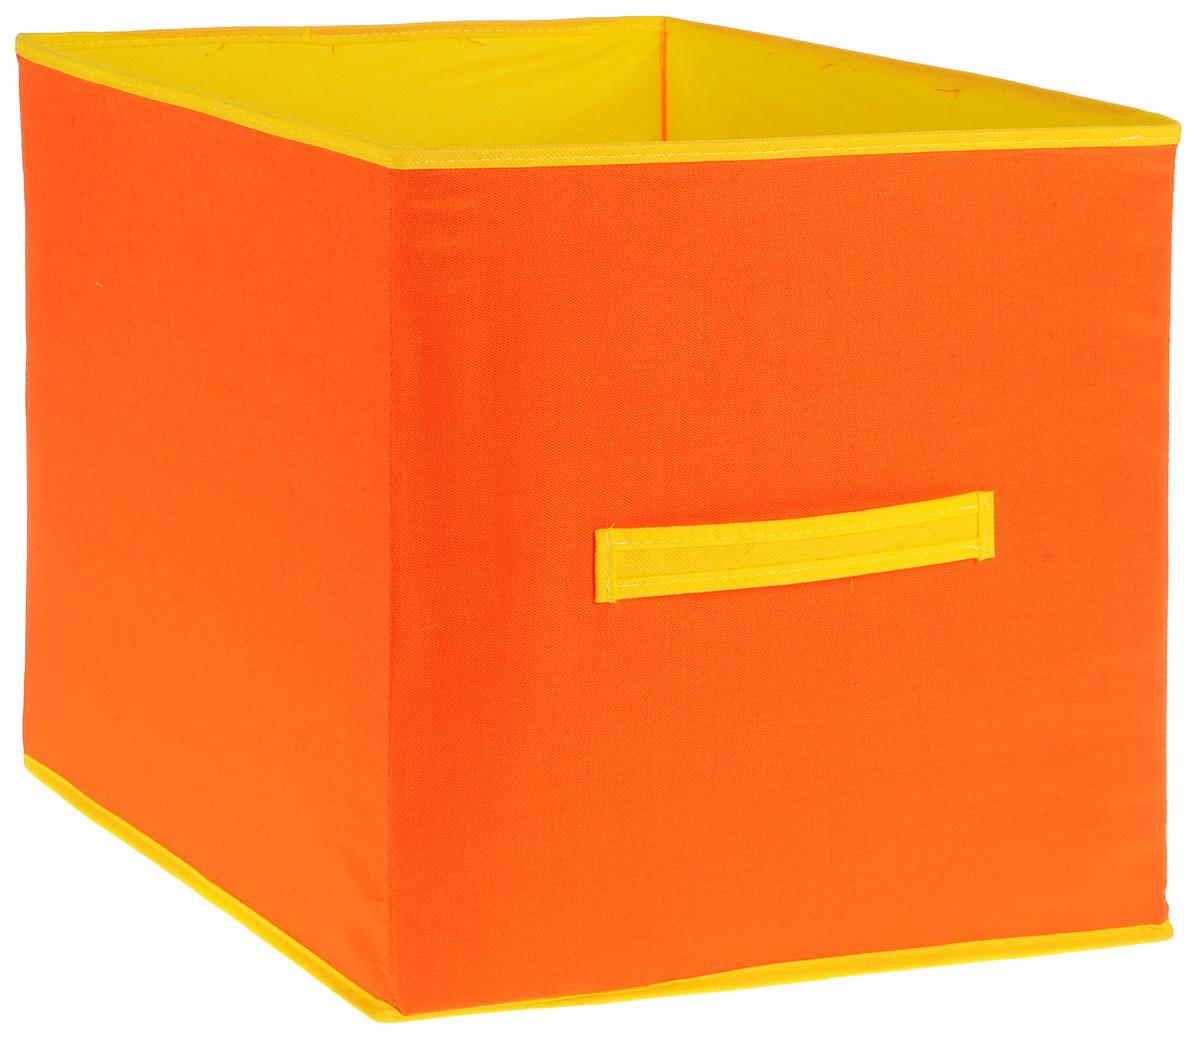 Коробка для хранения игрушек выполнена из высококачественного нетканого материала  (спанбонда), который обеспечивает естественную вентиляцию, позволяя воздуху проникать  внутрь, но не пропускает пыль. Вставки из ПВХ хорошо держат форму.  Такая коробка легко разбирается и собирается, она поможет удобно хранить игрушки.   Размер коробки: 40 см х 40 см х 40 см.